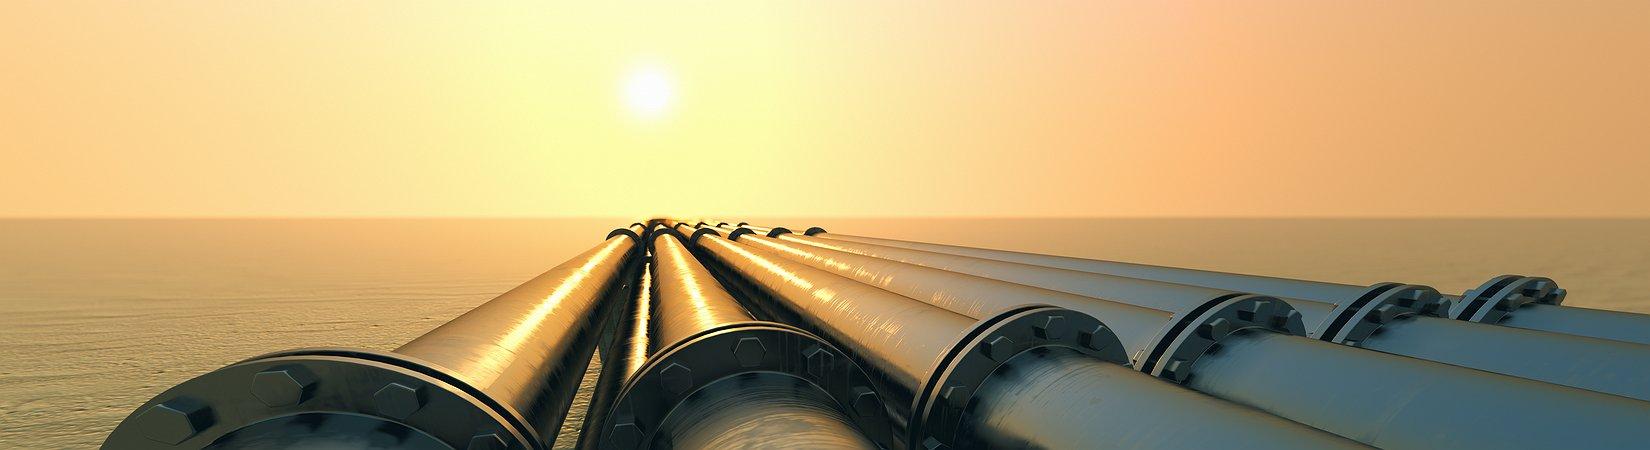 Цены на нефть растут в преддверии встречи ОПЕК